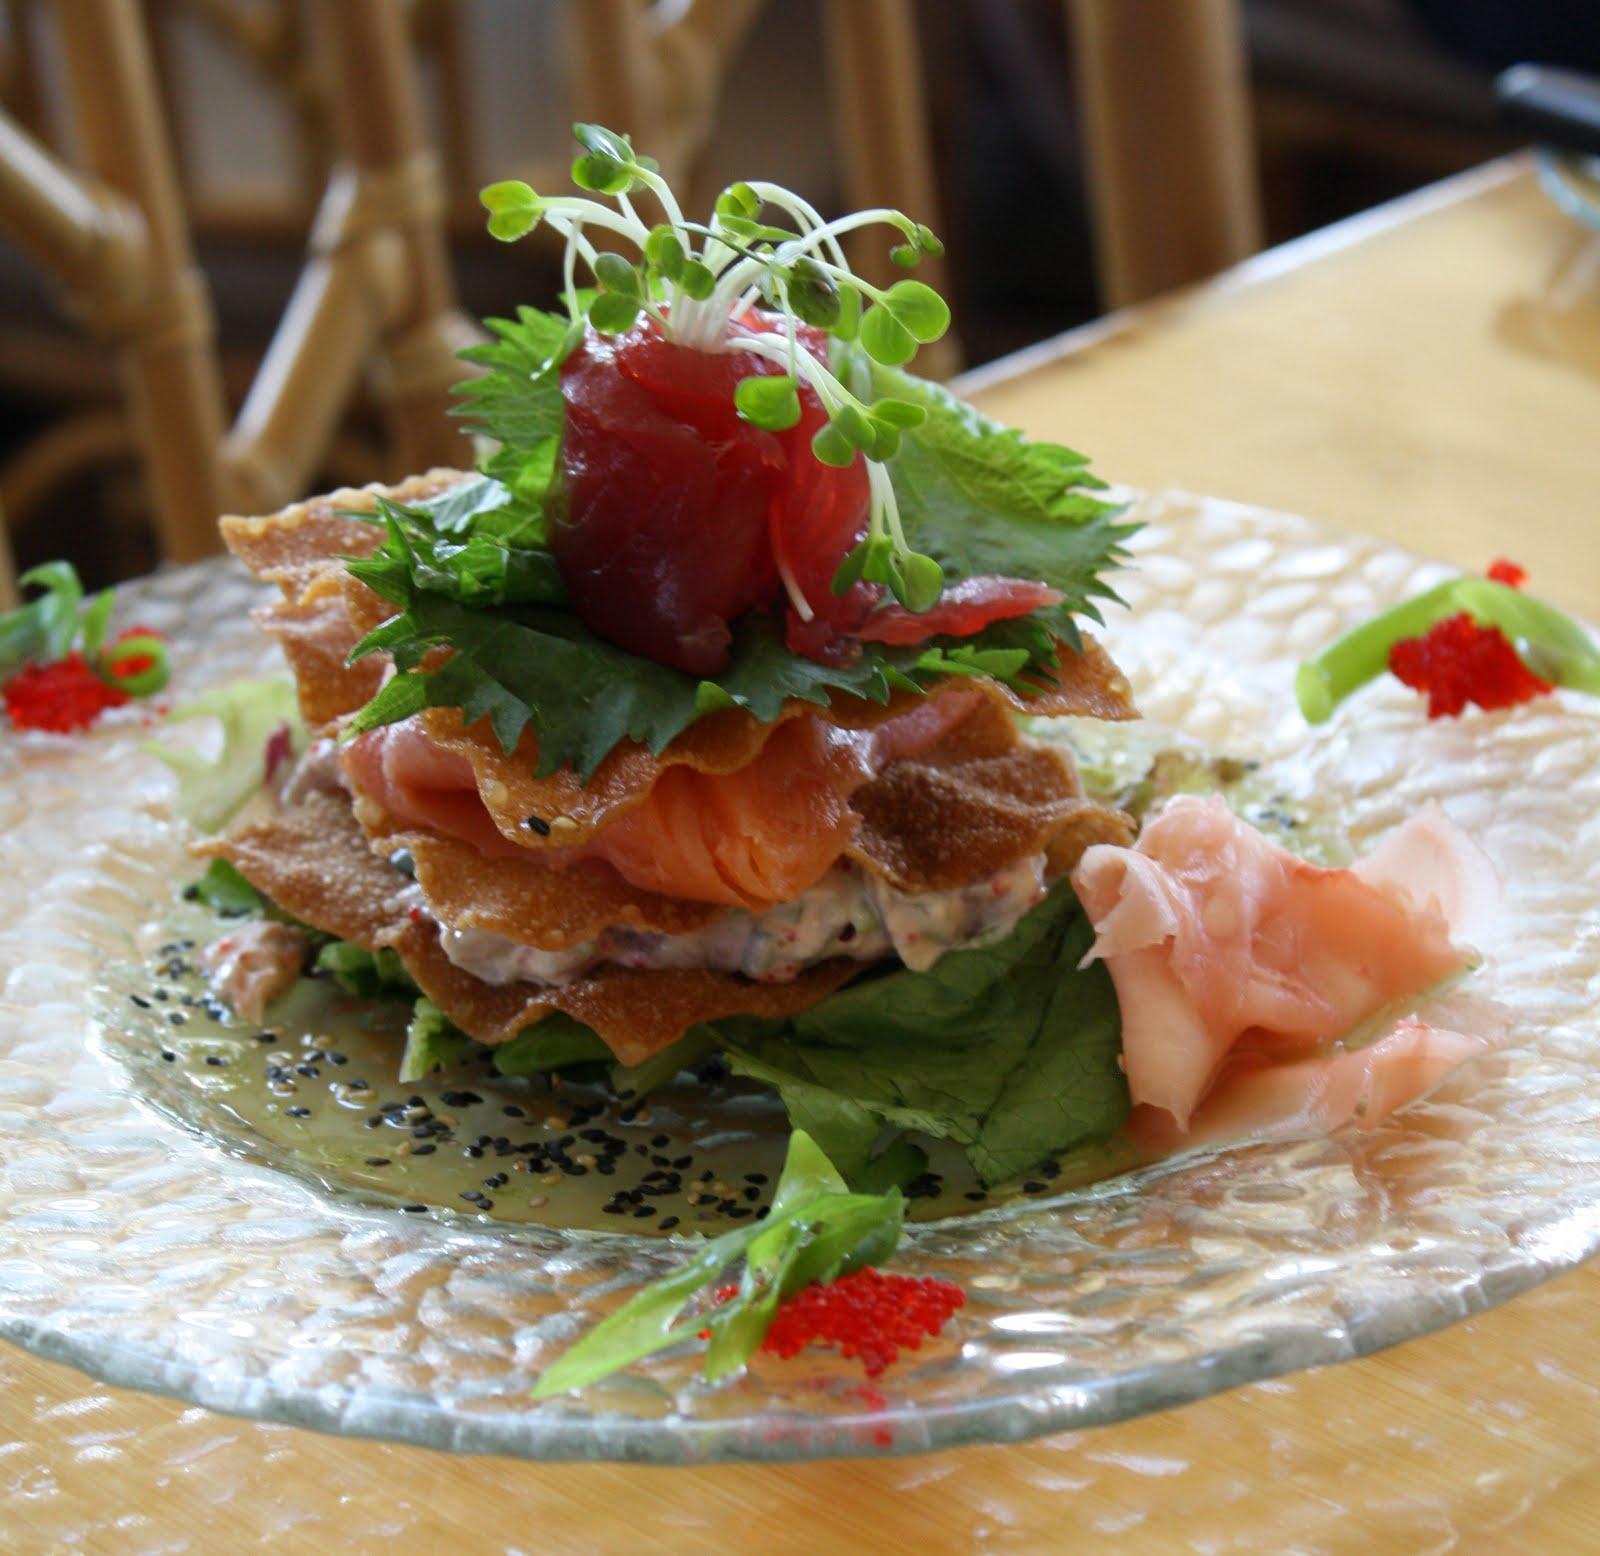 Tropical tuesday hali imaile s sashimi napoleon dirt and for Sashimi grade fish